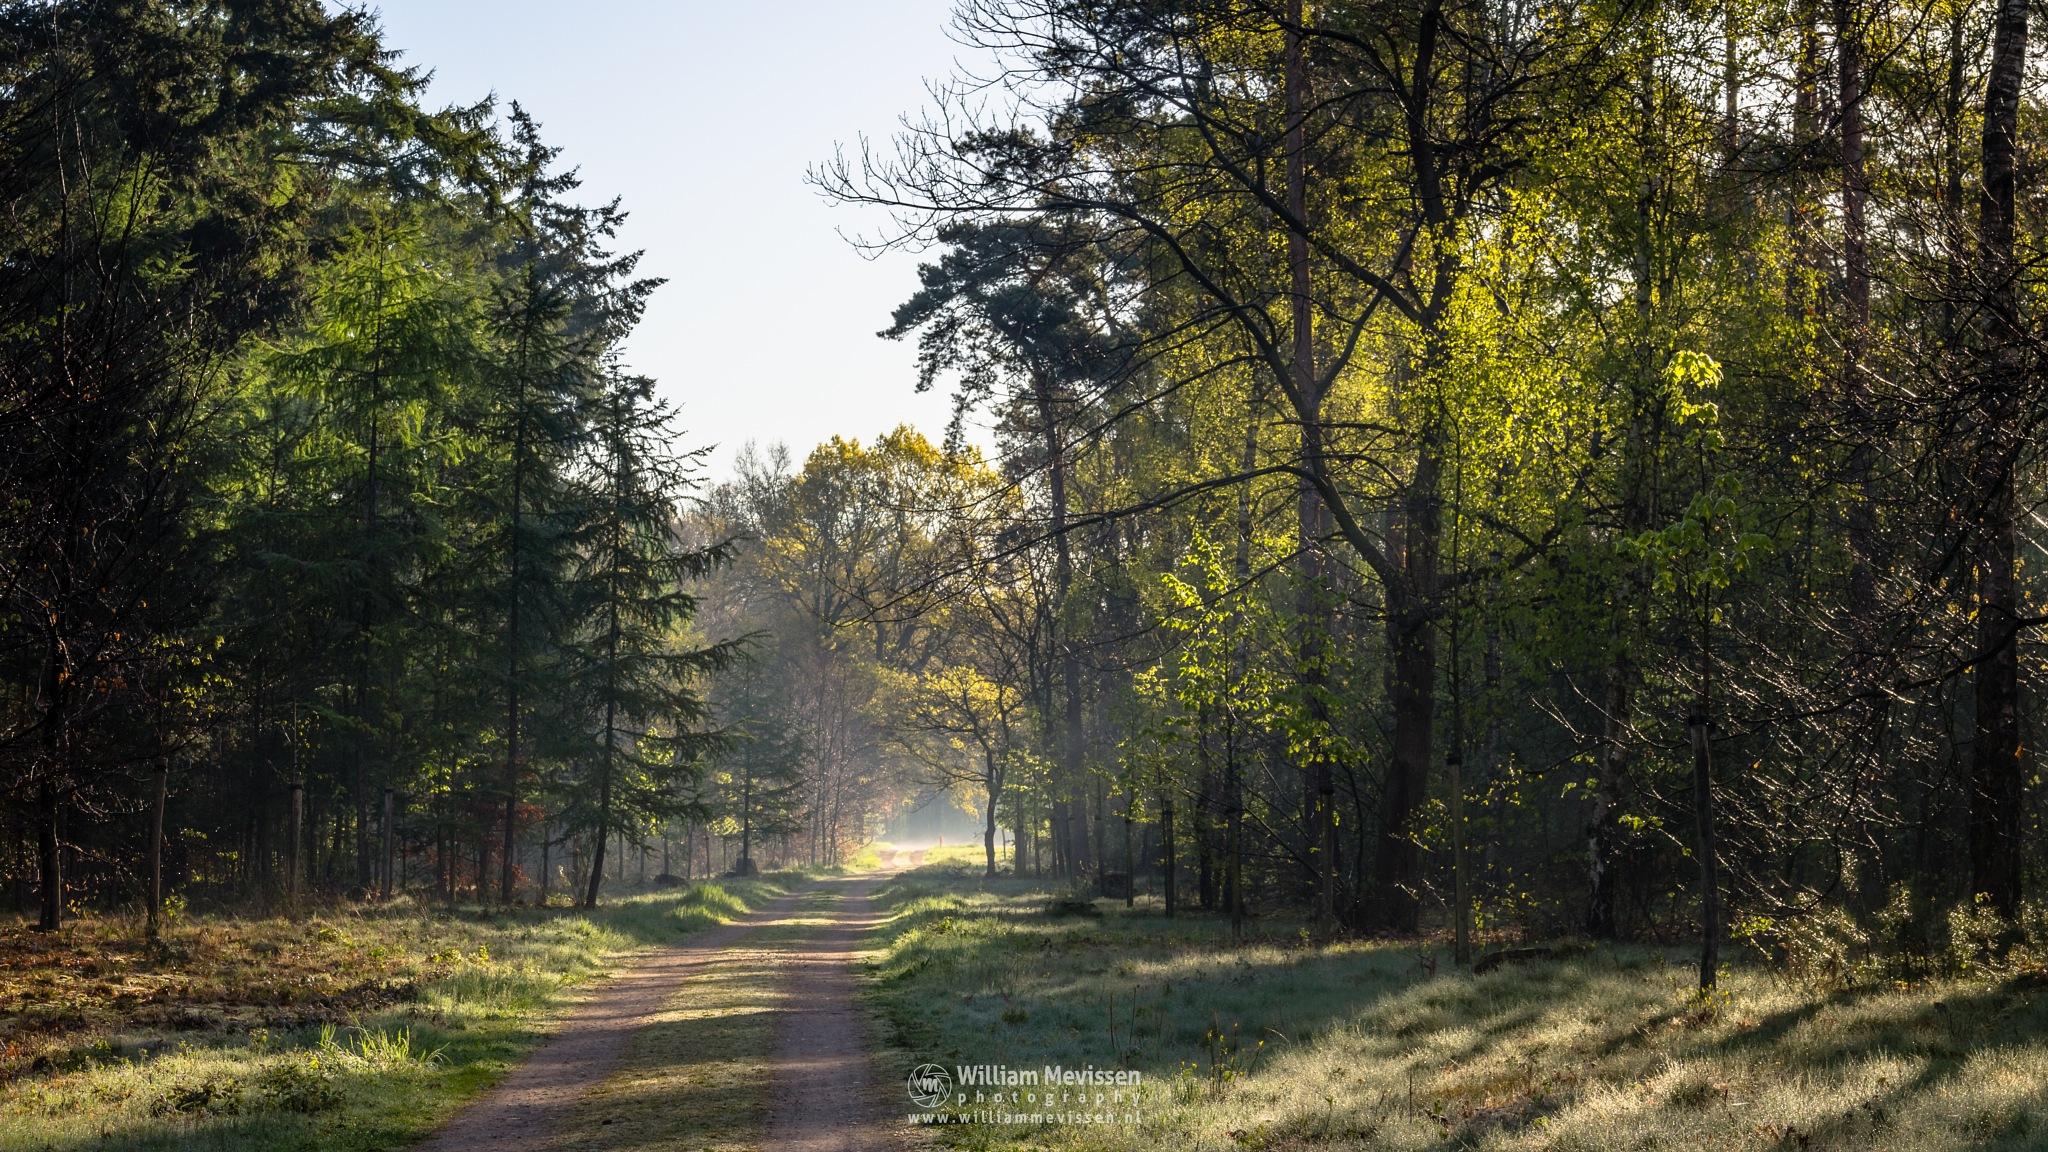 Spring Path by William Mevissen